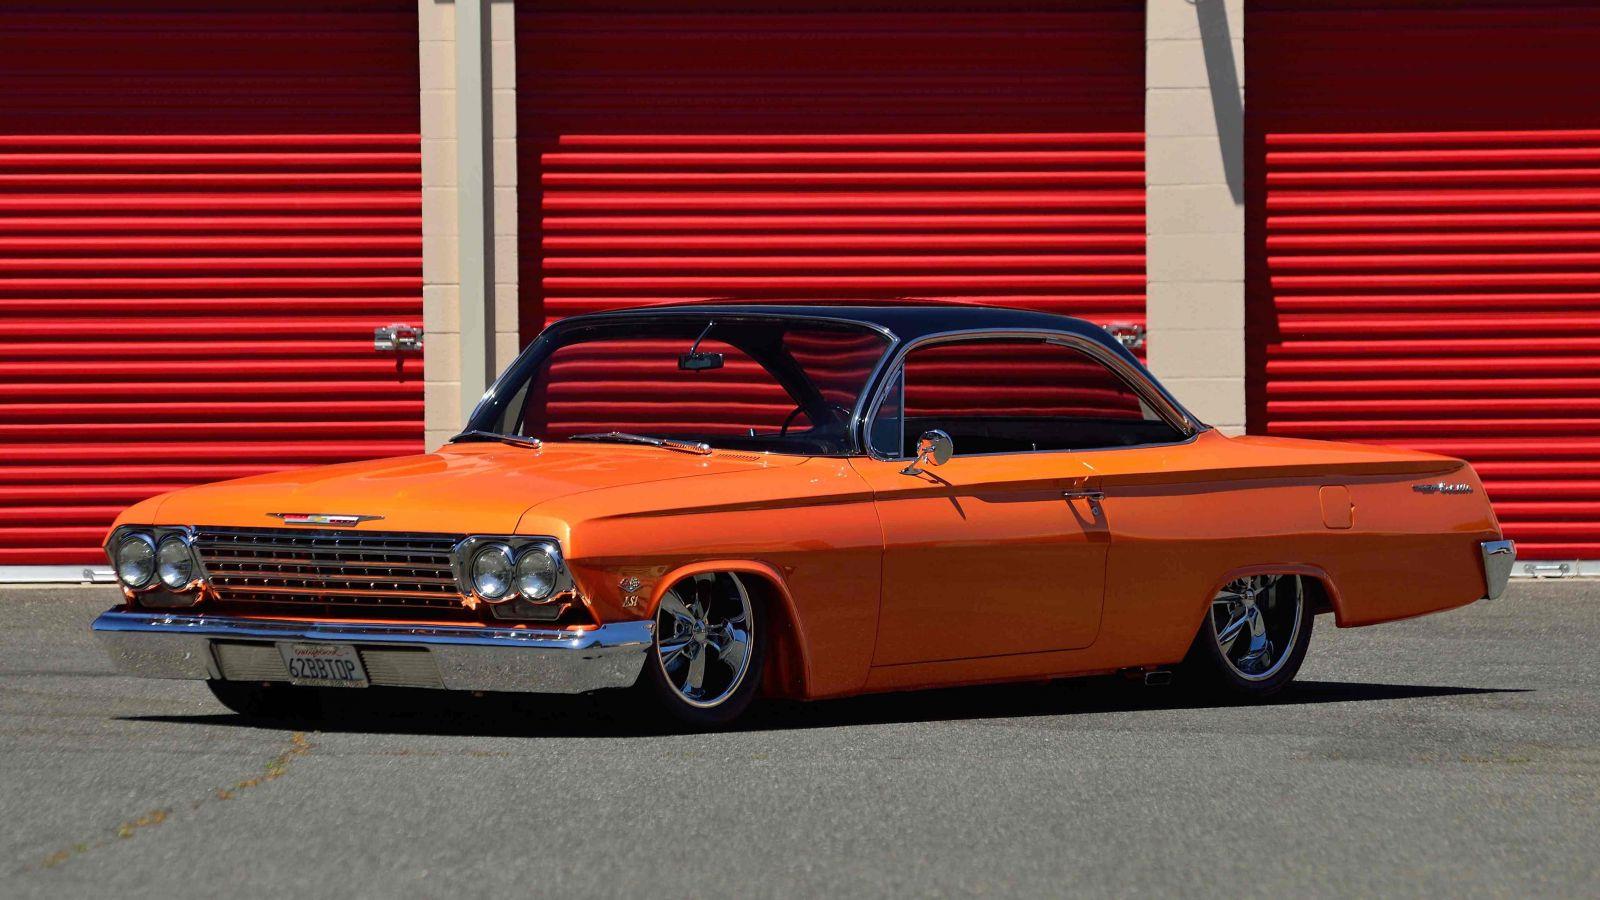 62 Bel Air Resto Mod in Anaheim for Mecum Auction | Hotrod Hotline